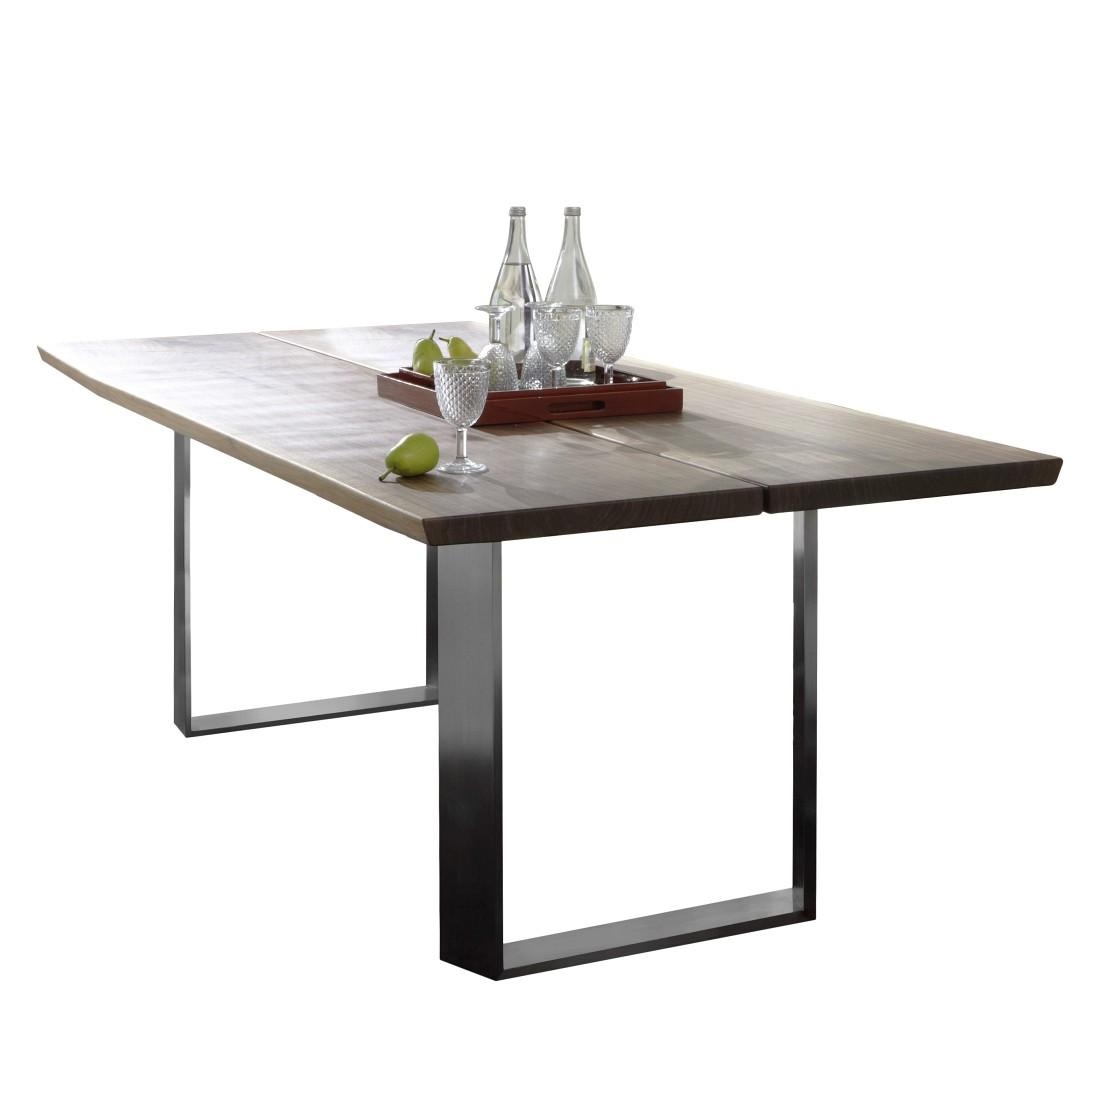 Esstisch Baumstamm Glas ~ Möbel online günstig kaufen über shop24at  shop24